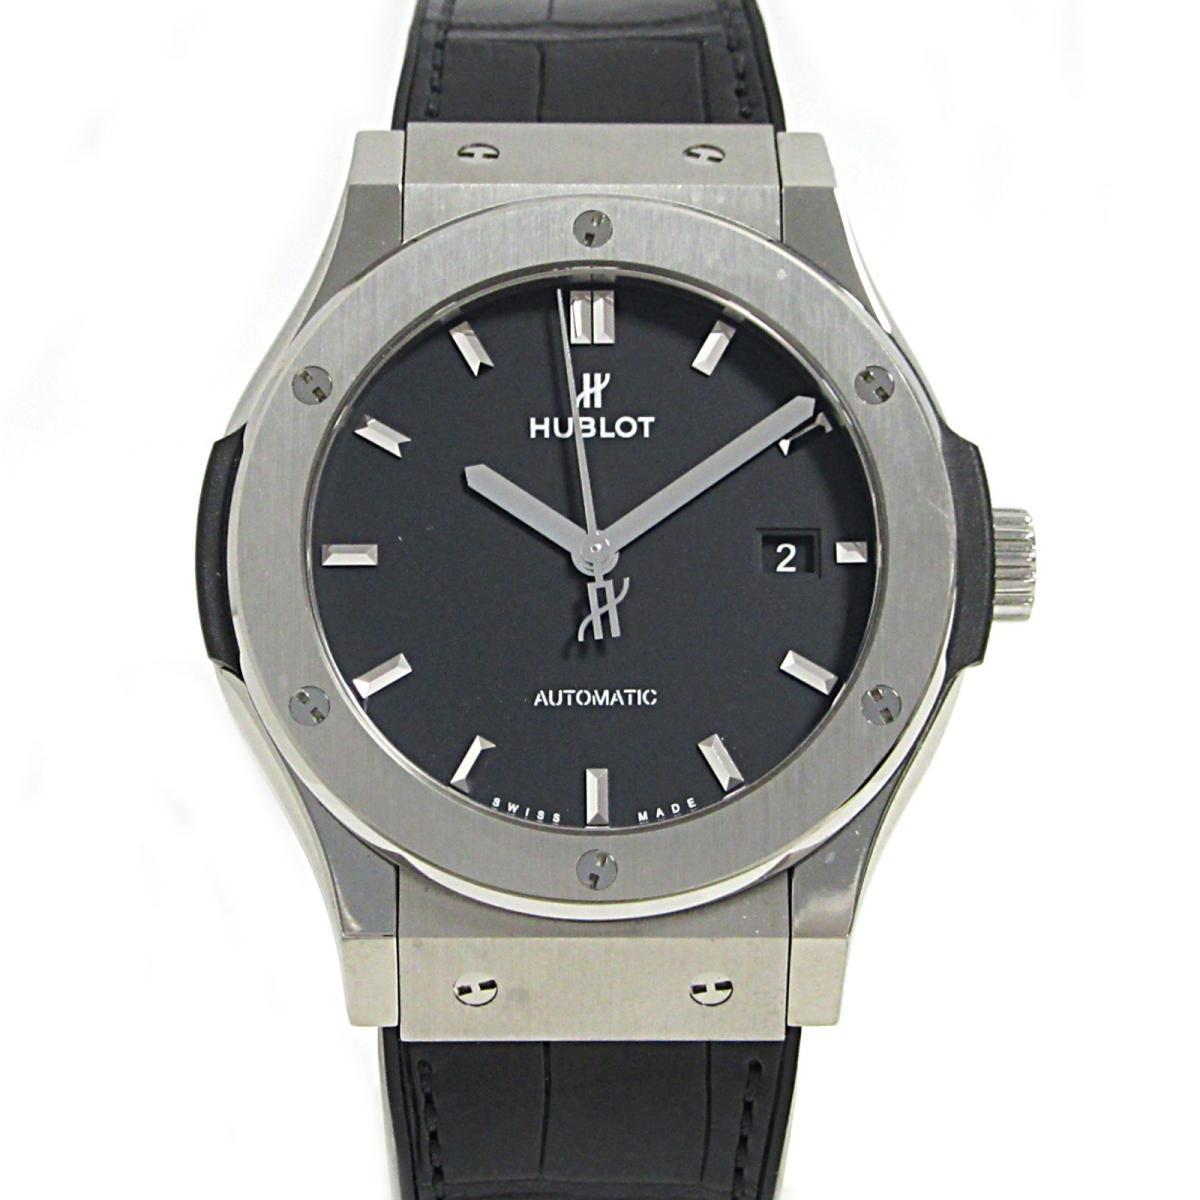 【中古】 ウブロ クラシックフュージョン チタニウム 腕時計 ウォッチ メンズ ラバー ブラック シルバー (542.NX.1171.RX) | HUBLOT BRANDOFF ブランドオフ ブランド ブランド時計 ブランド腕時計 時計